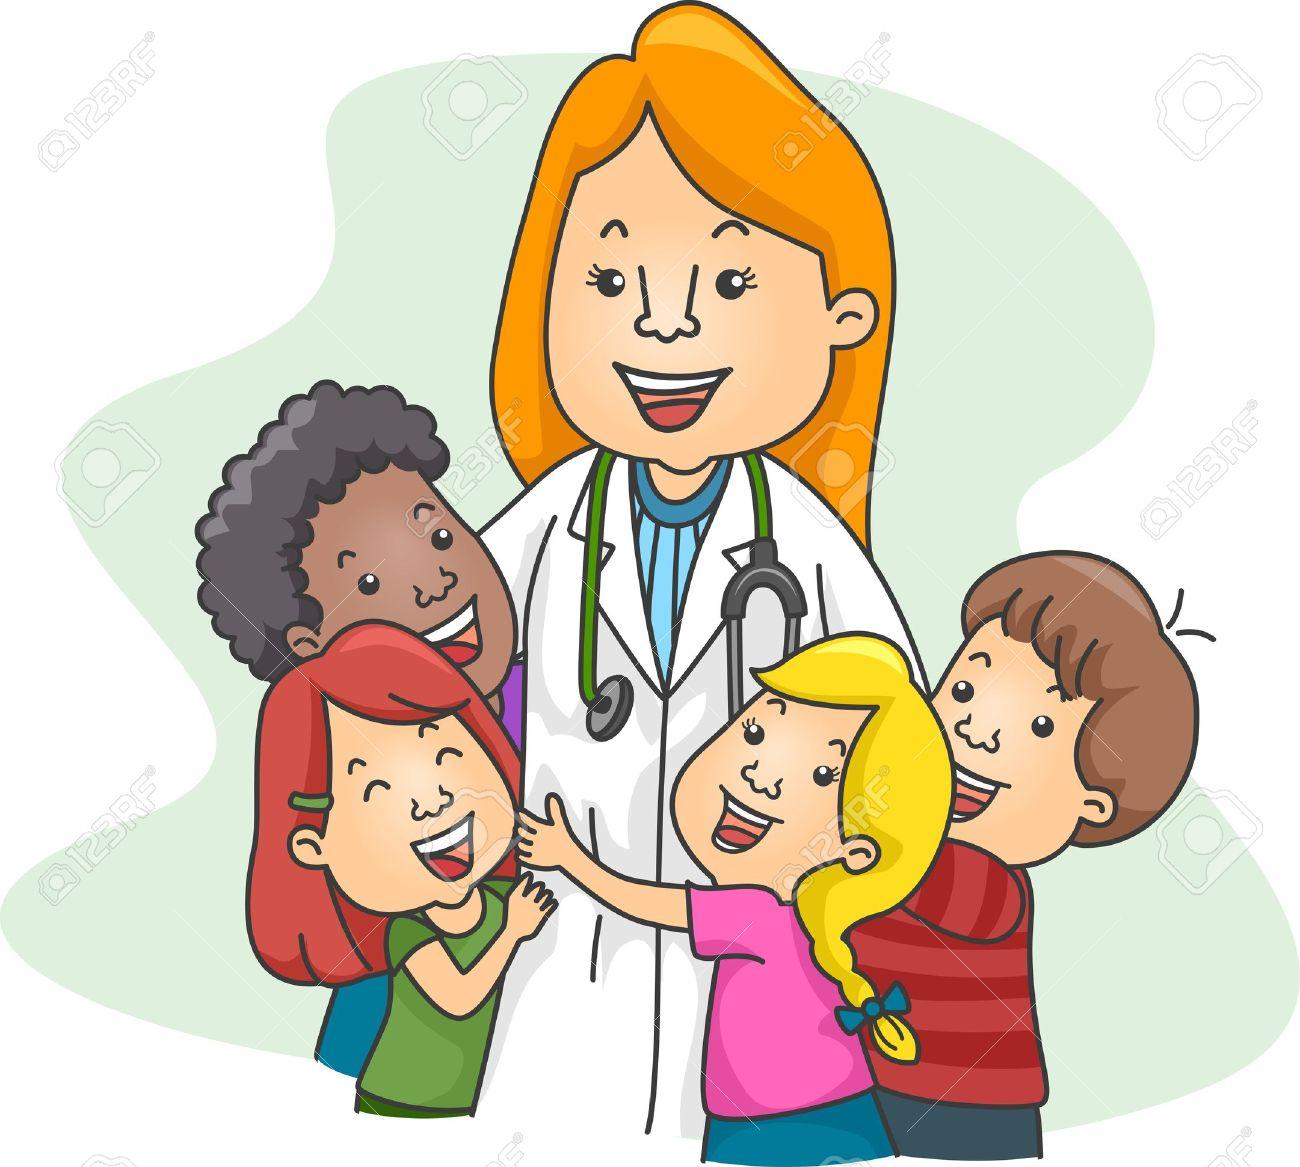 224 Pediatrician free clipart.